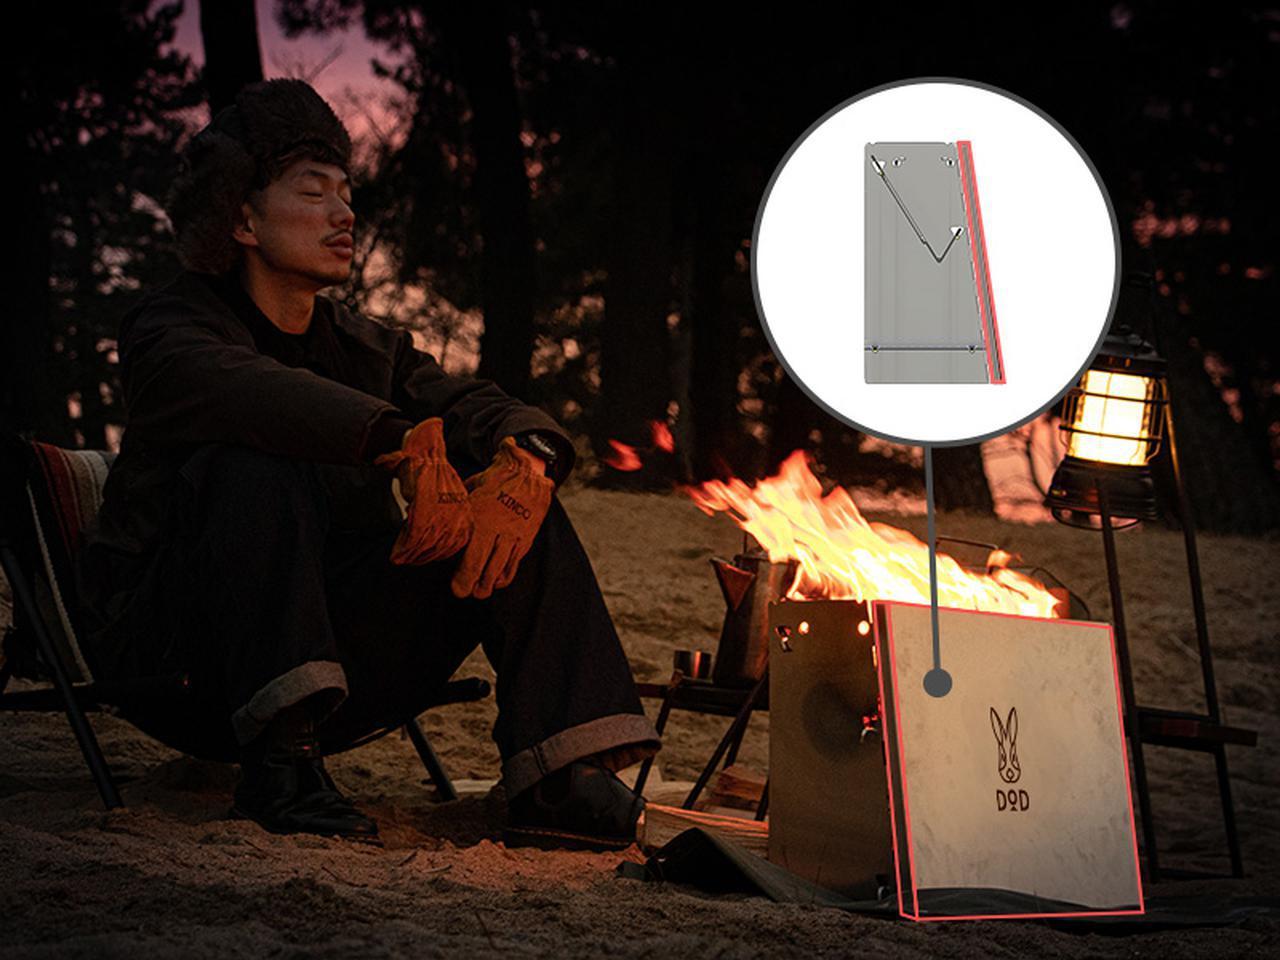 画像1: 焚き火の熱を存分に感じる、暖かさに特化した焚き火台